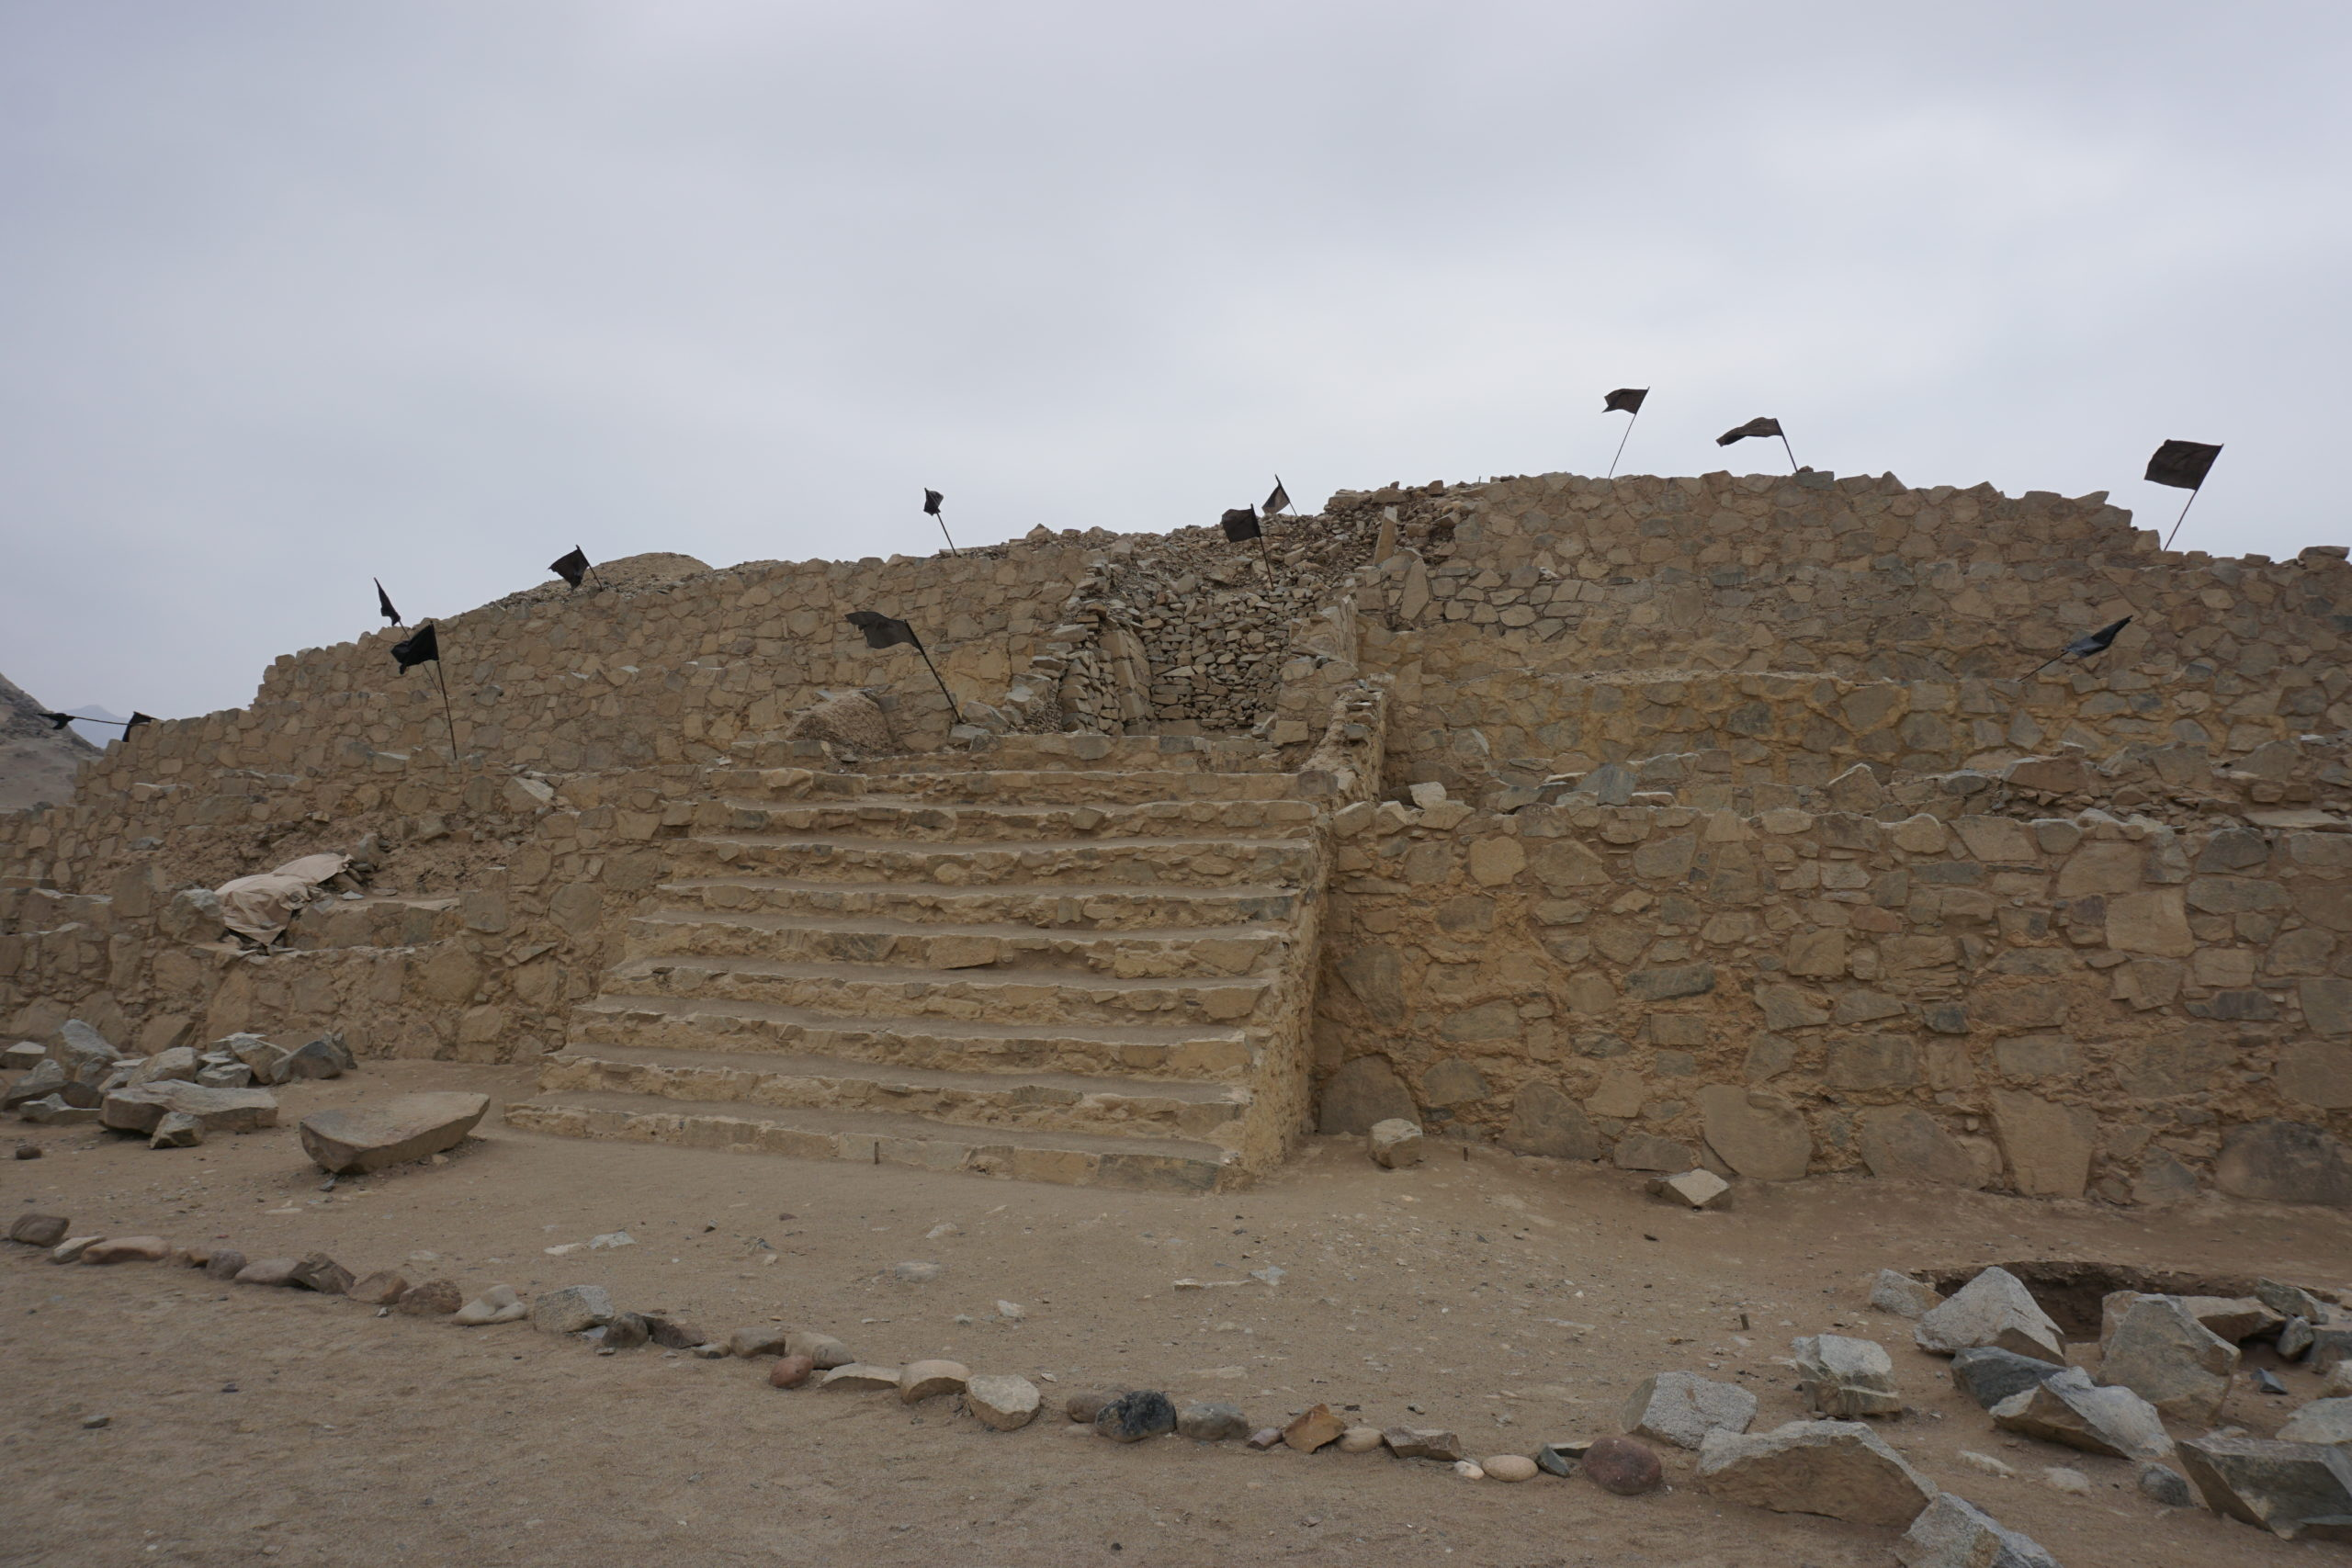 カラル遺跡の画像 p1_36